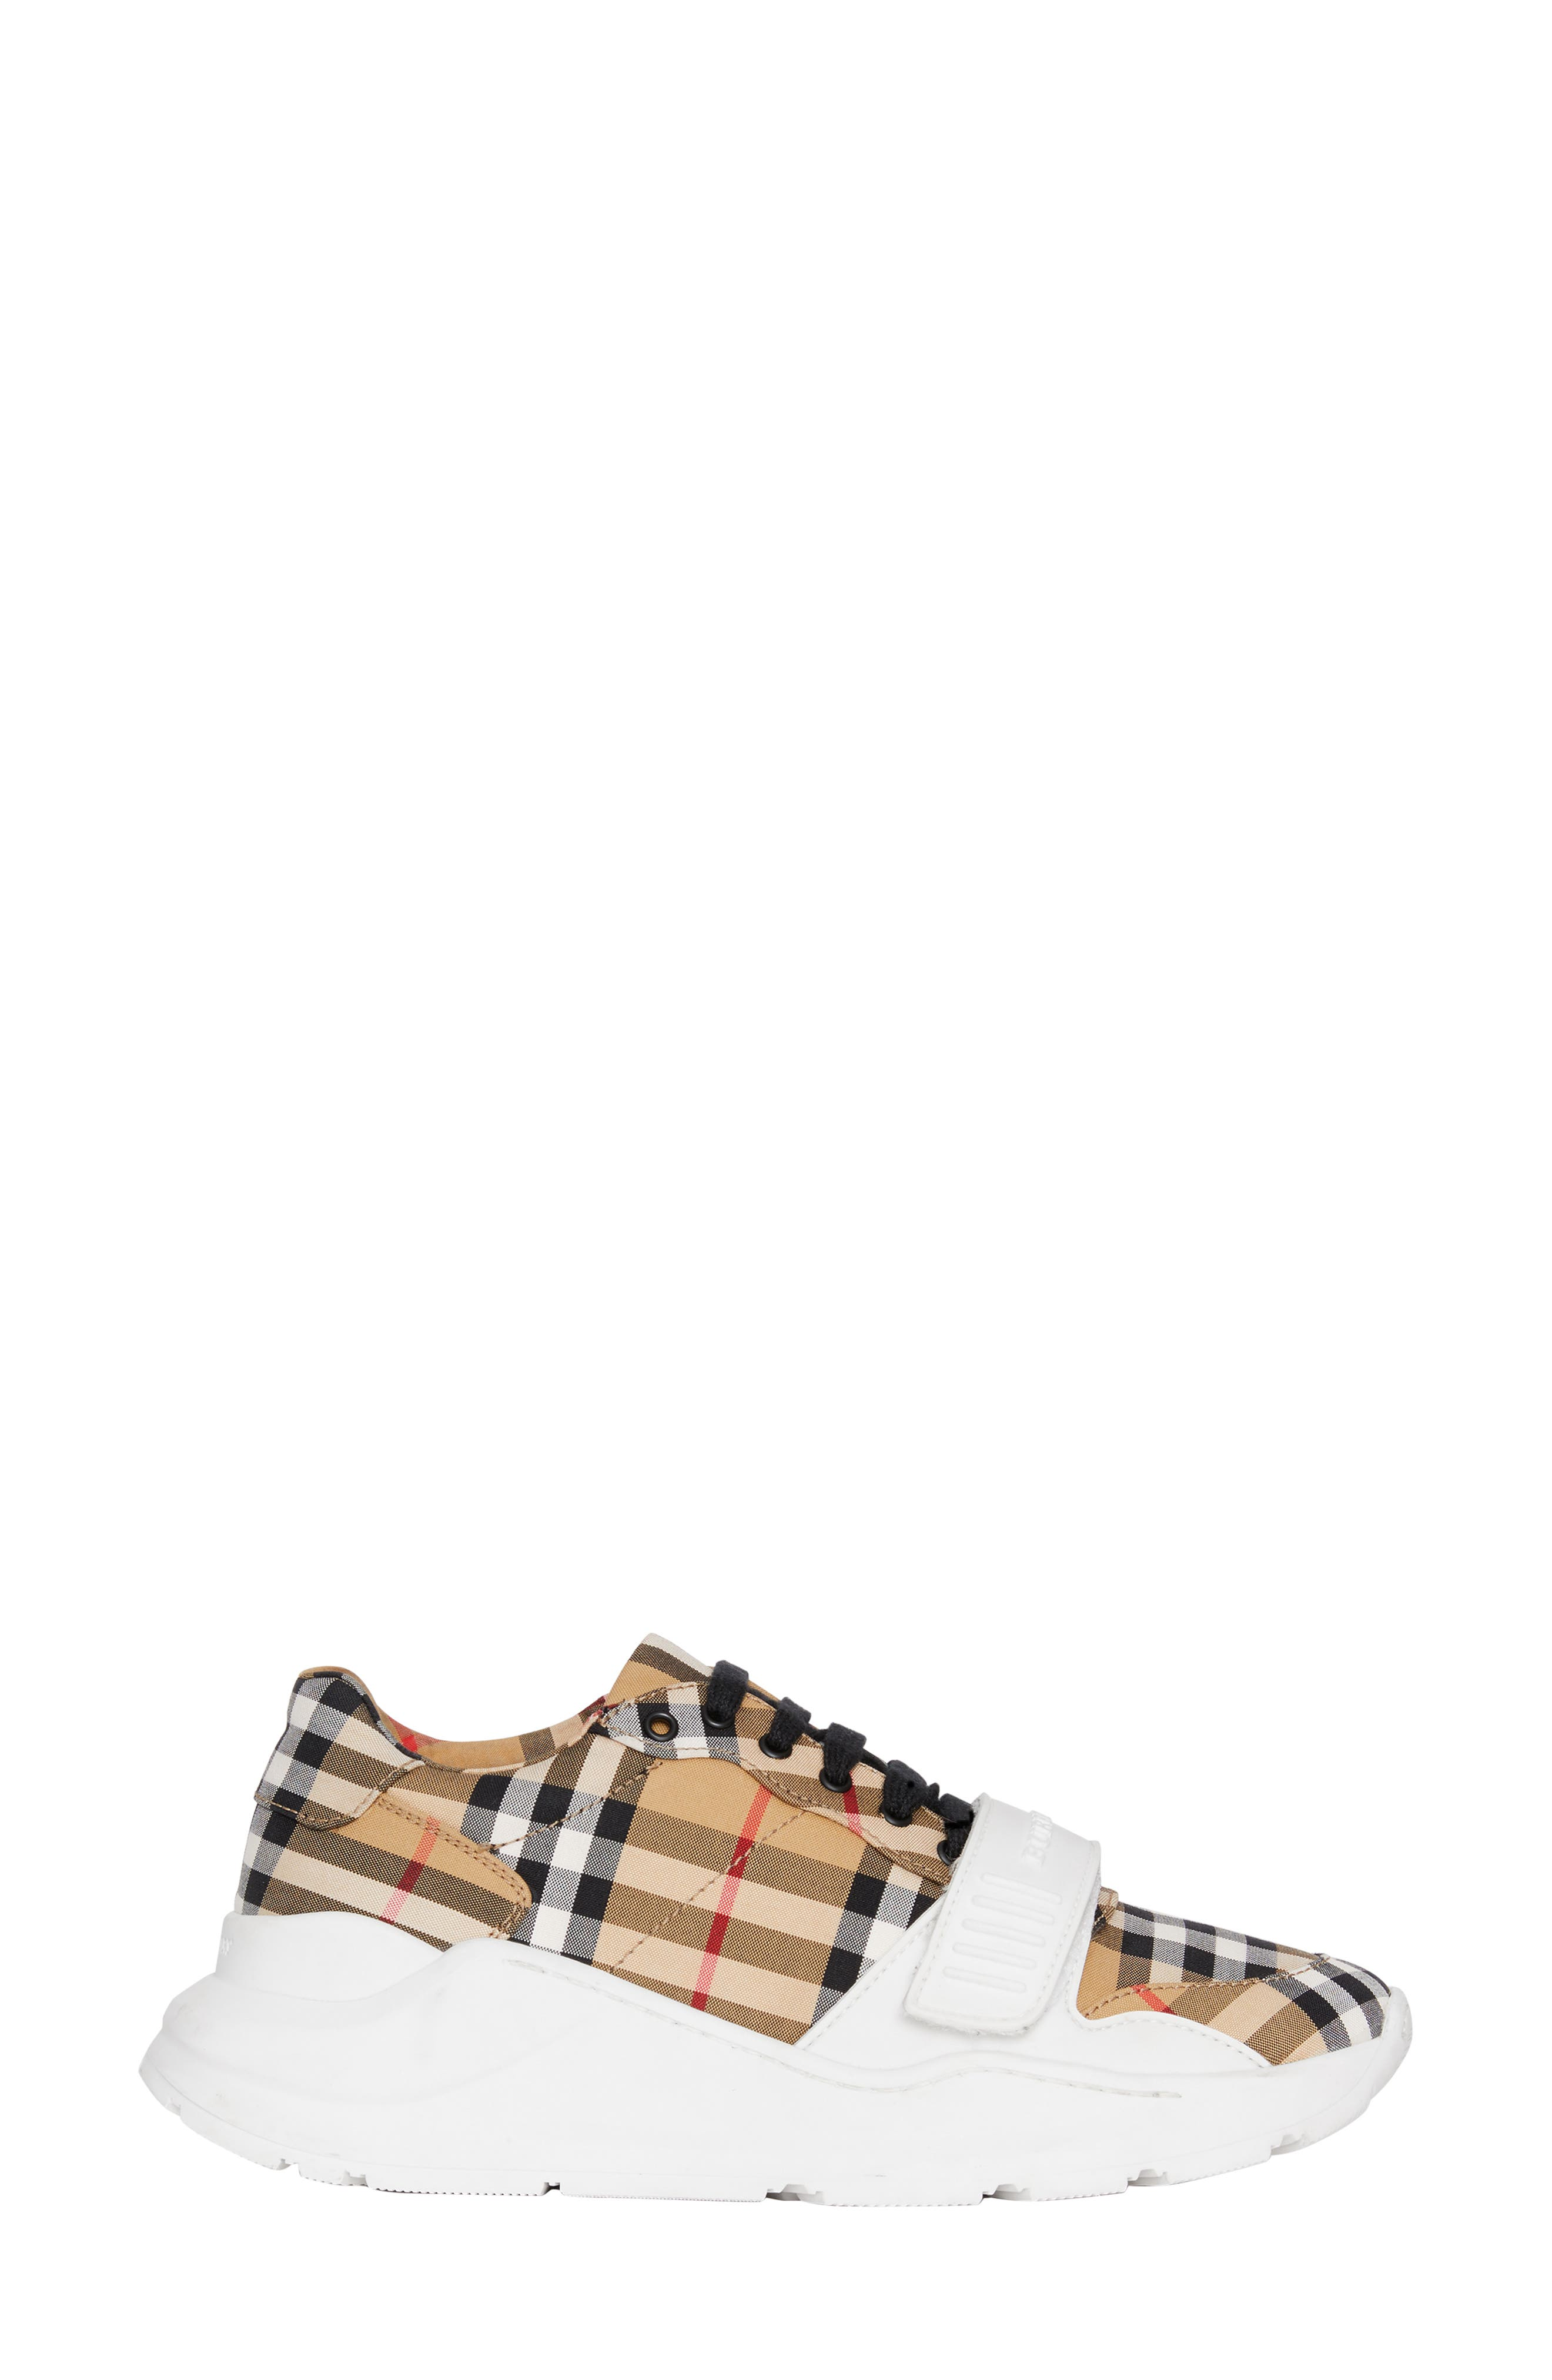 BURBERRY, Regis Check Lace-Up Sneaker, Alternate thumbnail 3, color, BEIGE PLAID